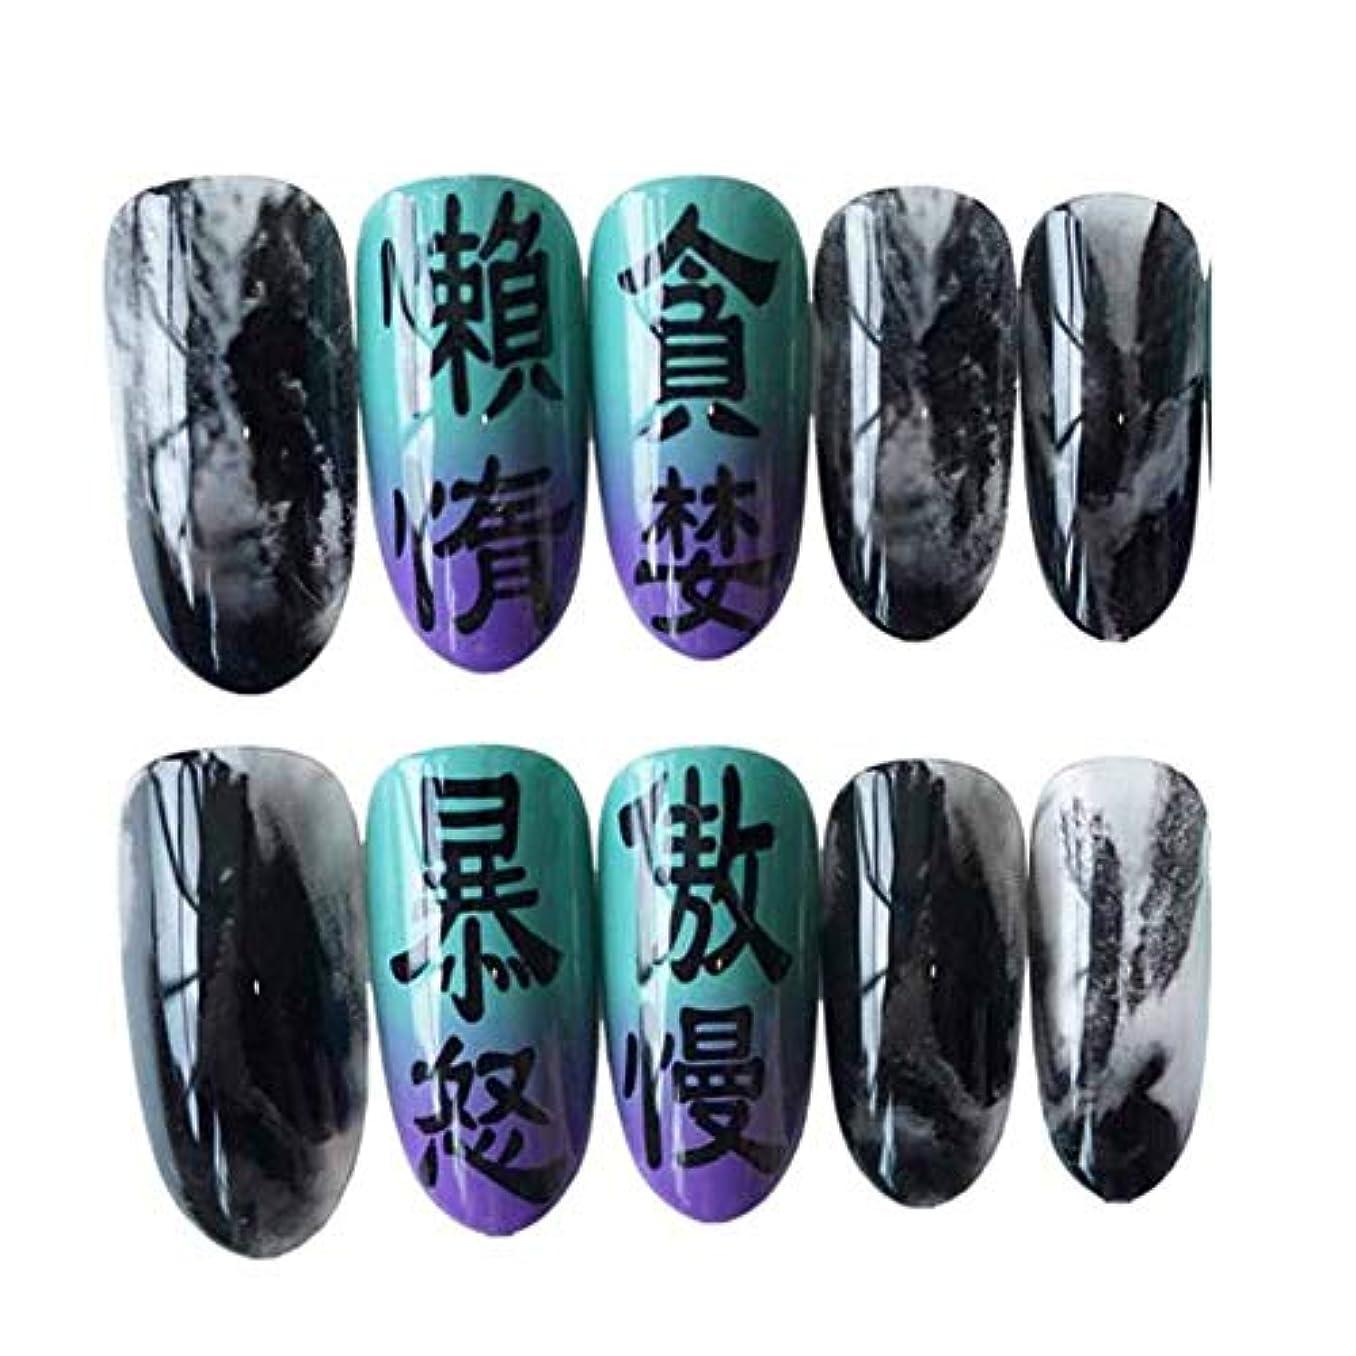 喜び第二に悔い改め嫉妬 - 紫/黒のシャープな偽の指爪人工的な偽の爪のヒント暗い